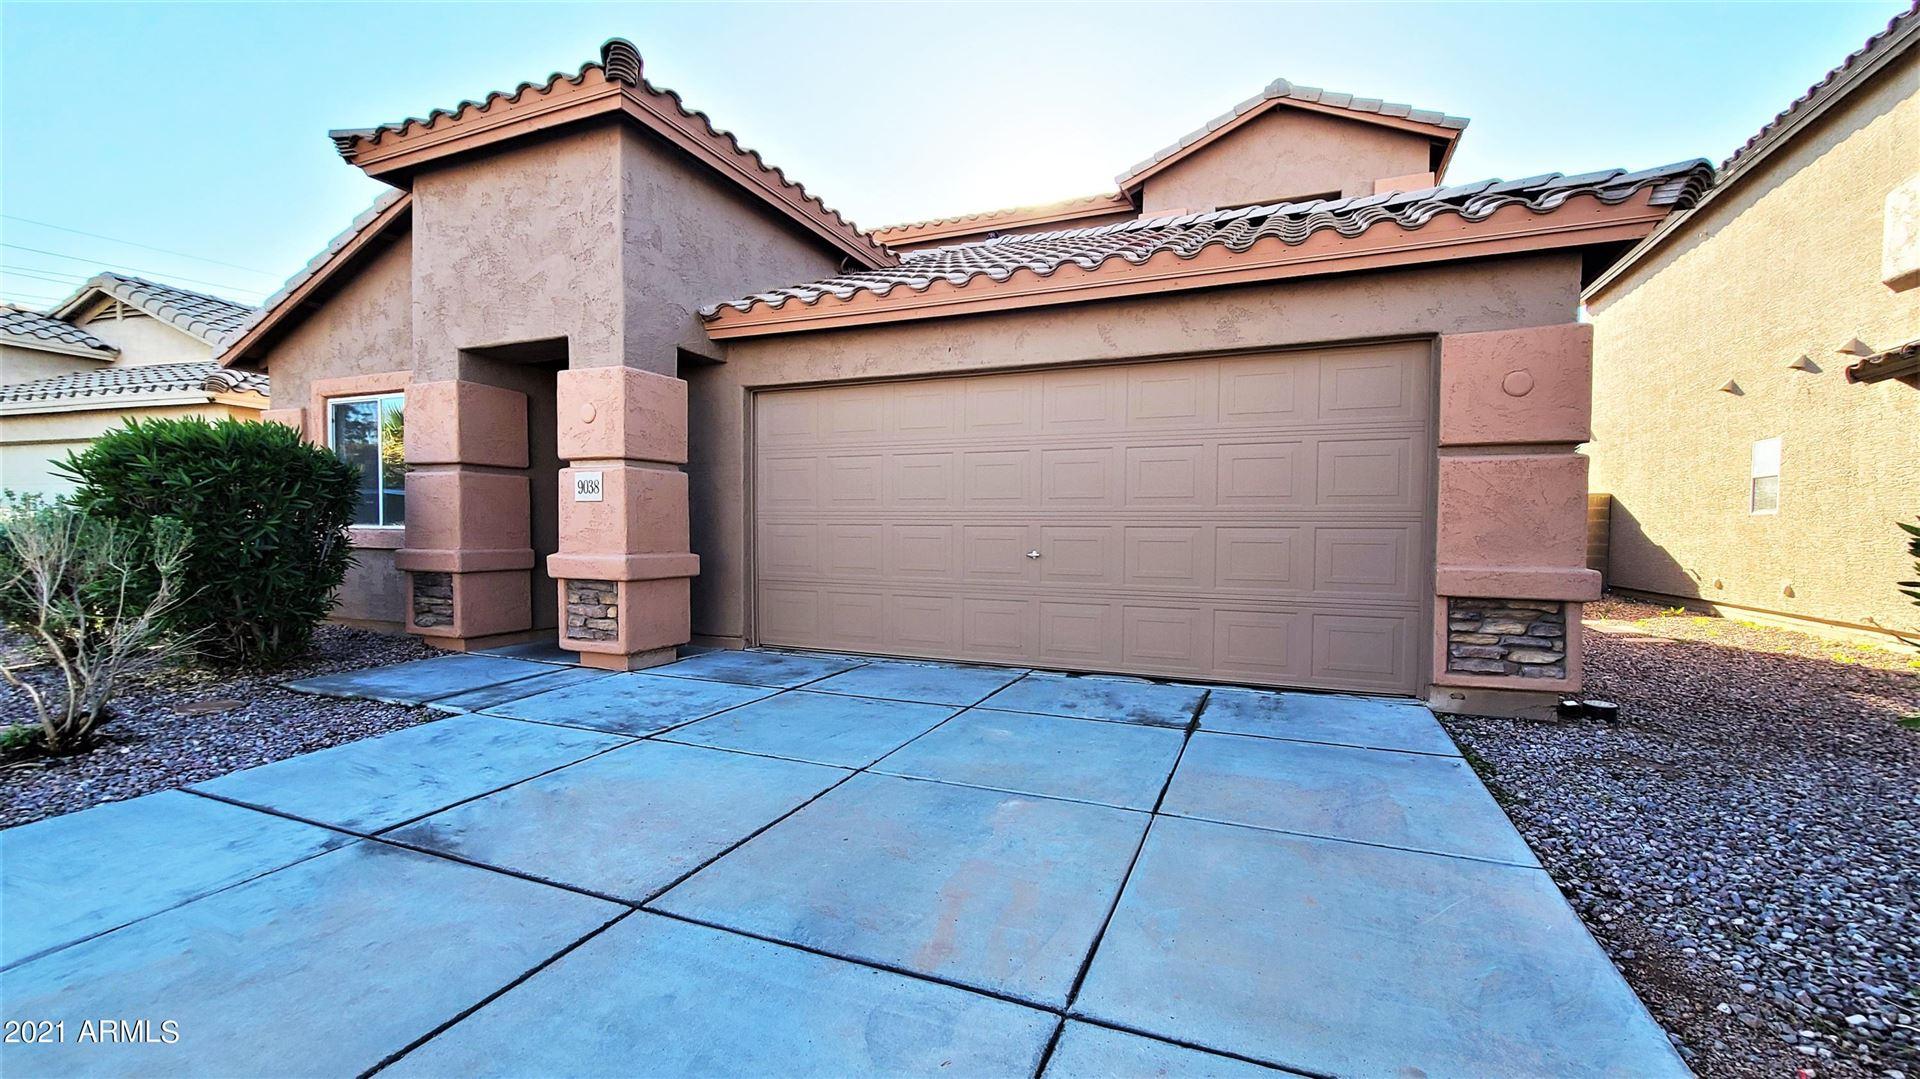 Photo of 9038 N 115TH Lane, Youngtown, AZ 85363 (MLS # 6209298)